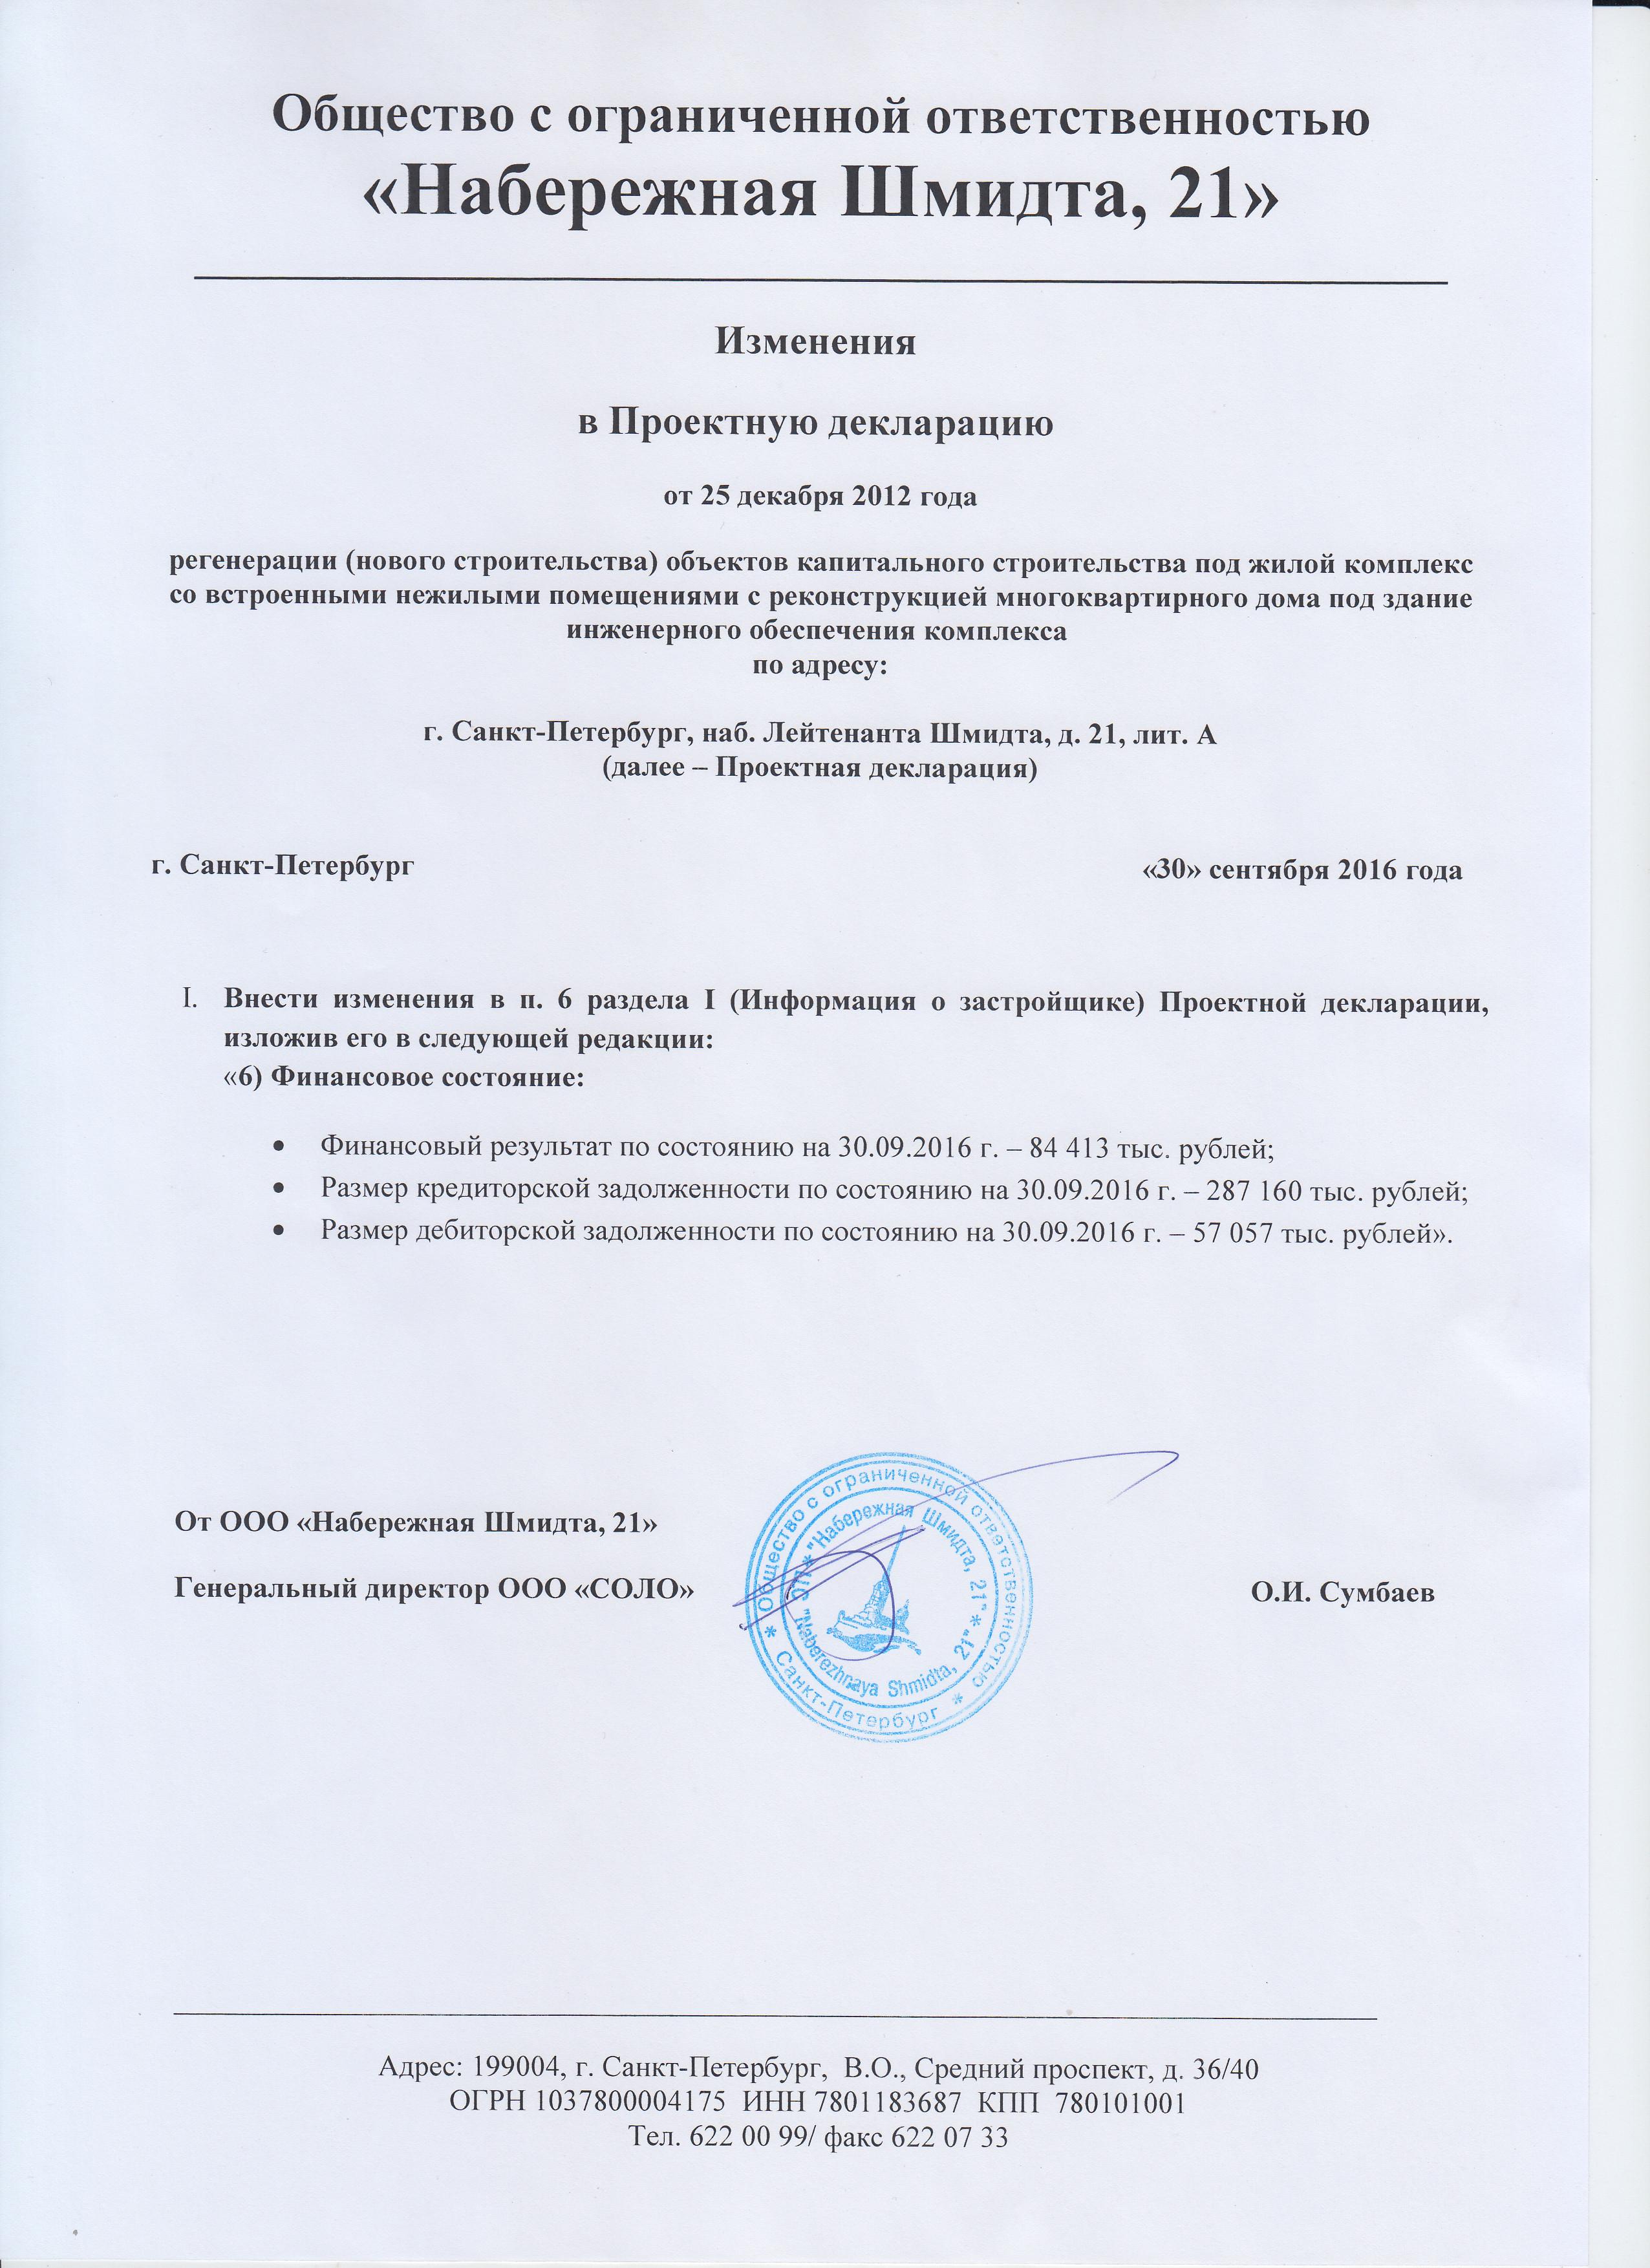 Апостиль в Узбекистане, легализация в Узбекистане apostille